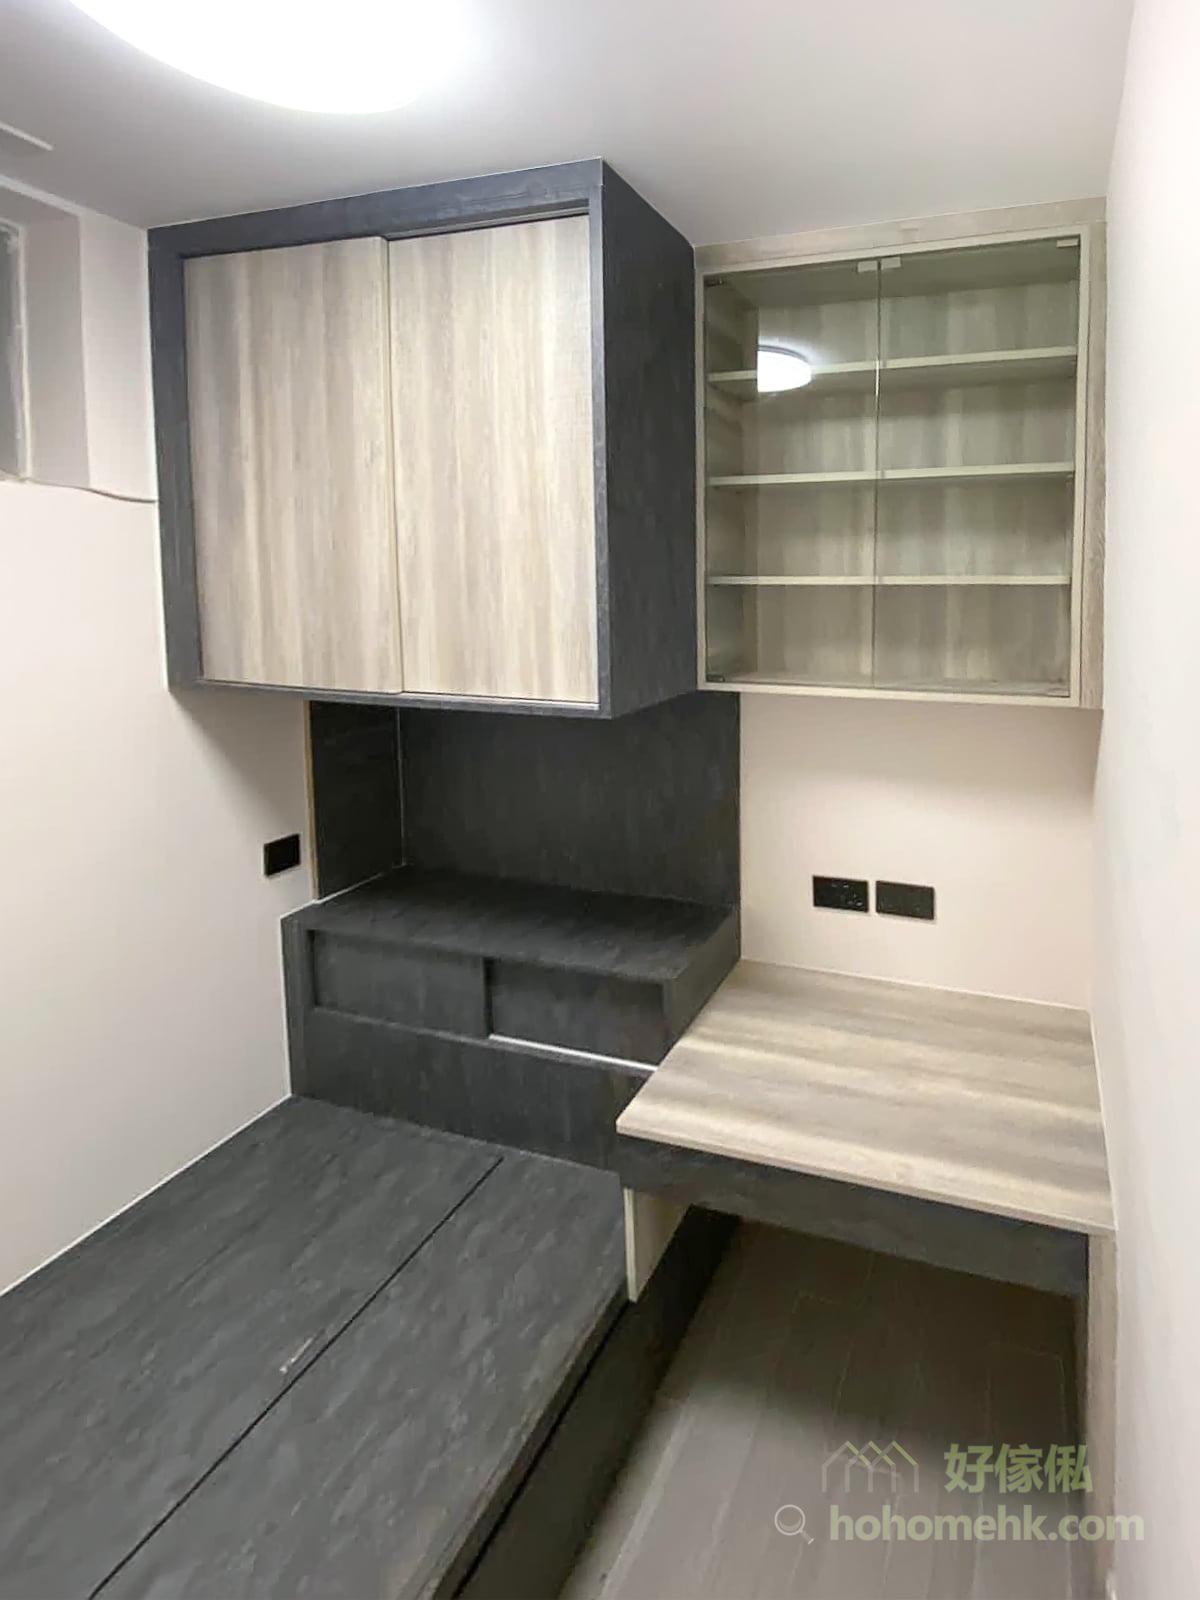 三段式的收納設計,最上方的趟門衣櫃、中間的中空置物平台和接近地台床的趟門櫃,將不同的功能濃縮起來,一個床尾櫃滿足各種需求